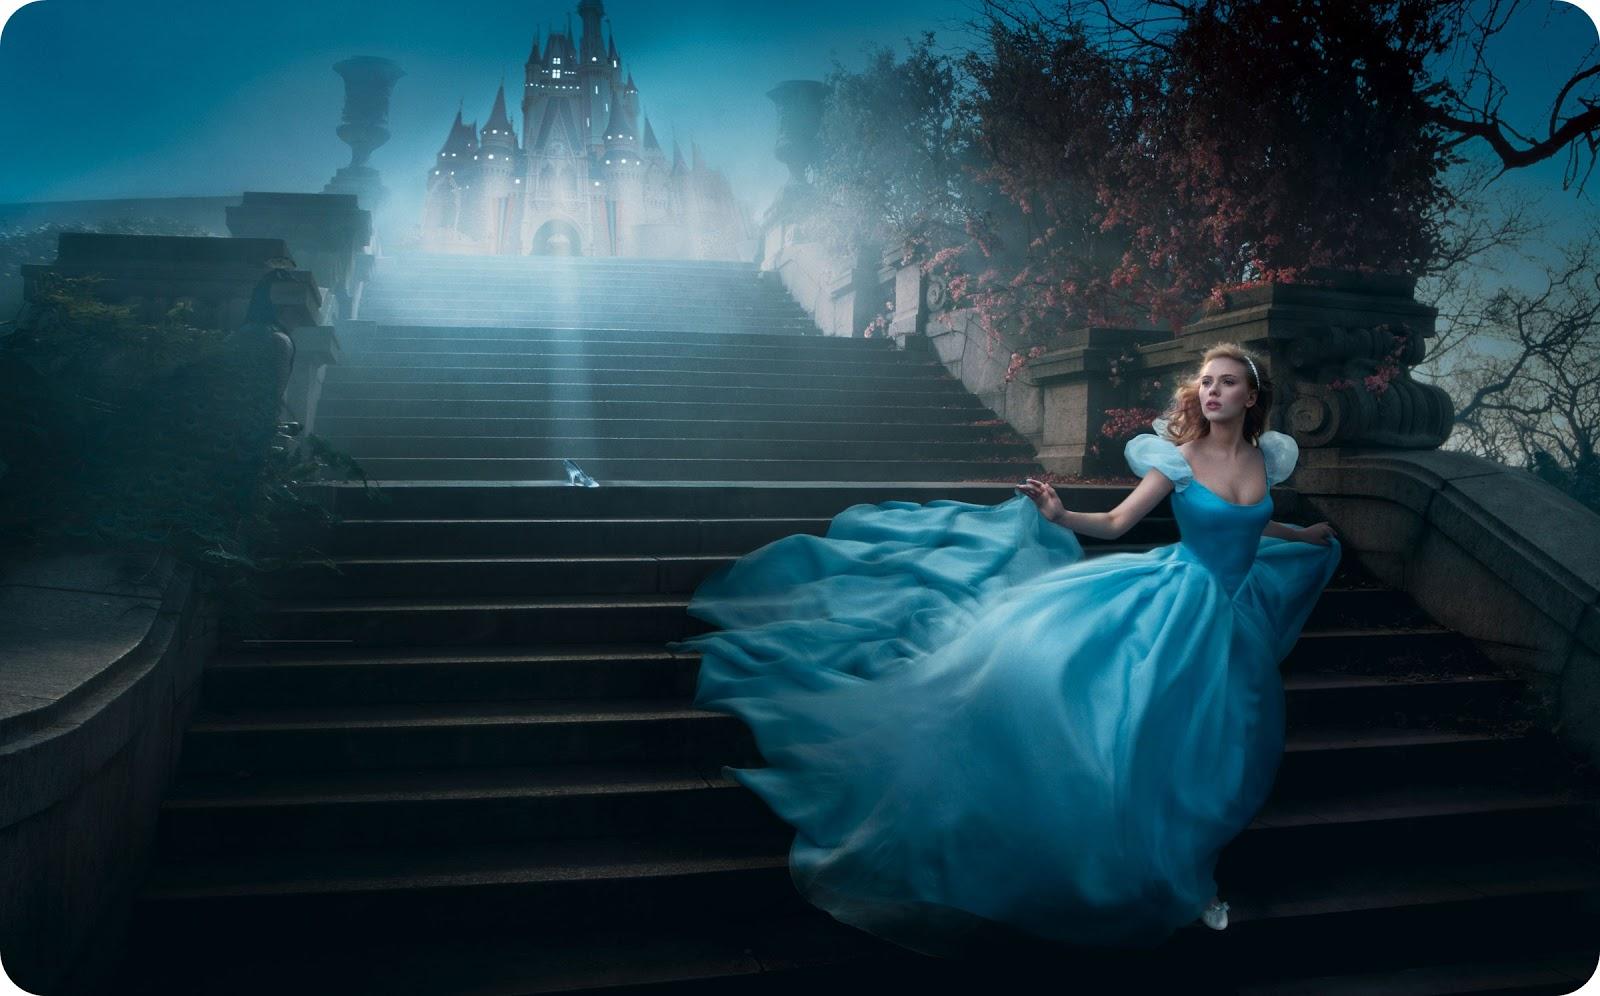 Cinderella Flees the Castle